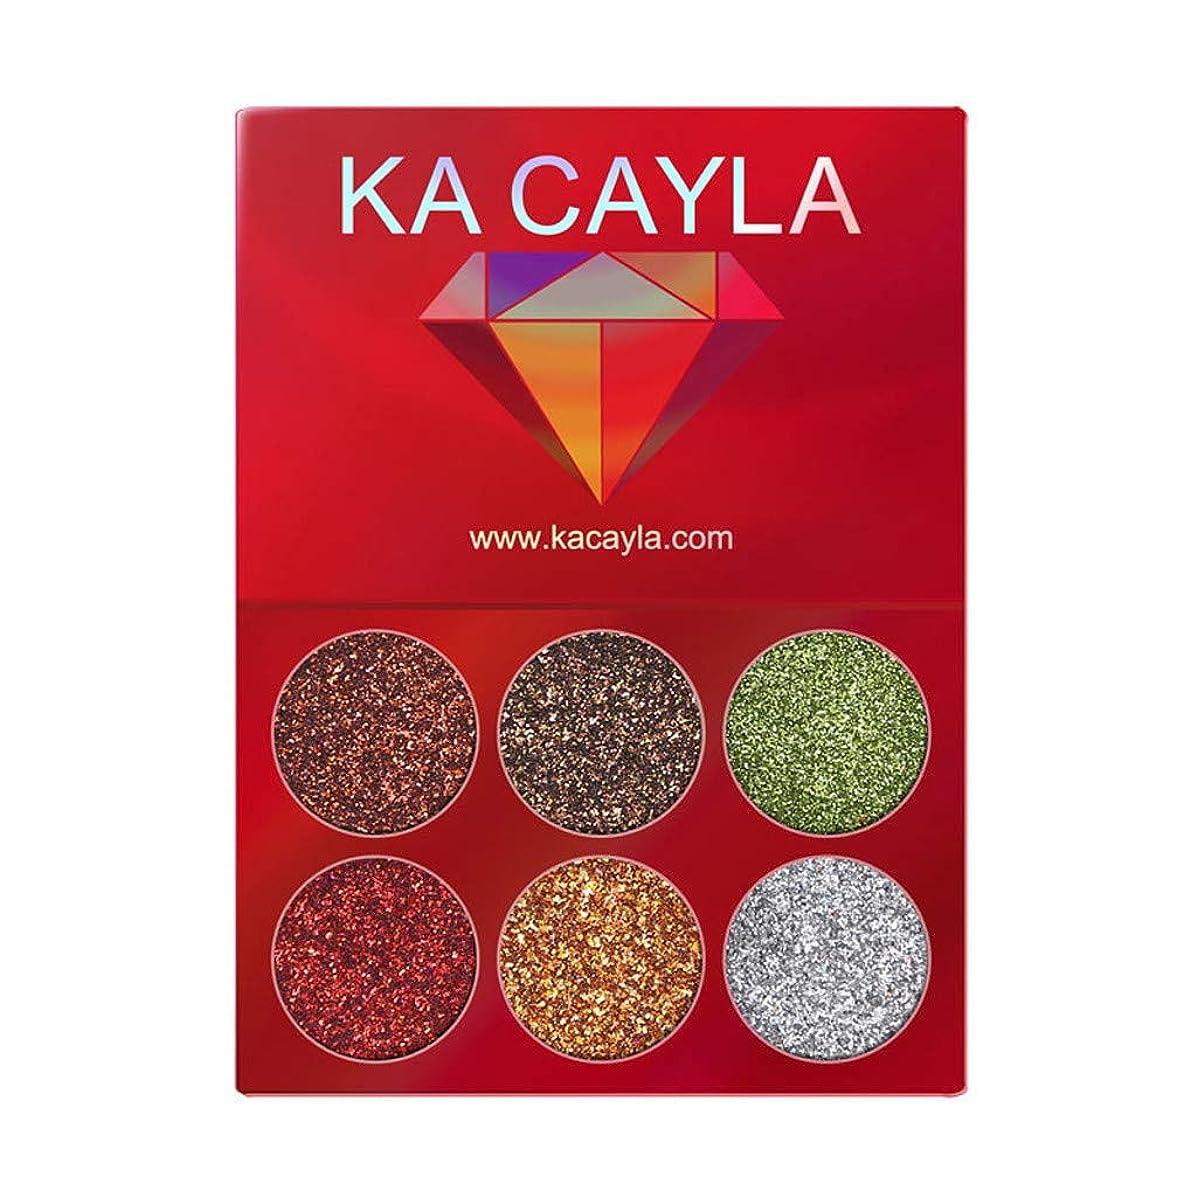 山岳高さ隠されたKA CAYLA化粧アイシャドウアイシャドウパレット化粧品セットアイシャドウ6色